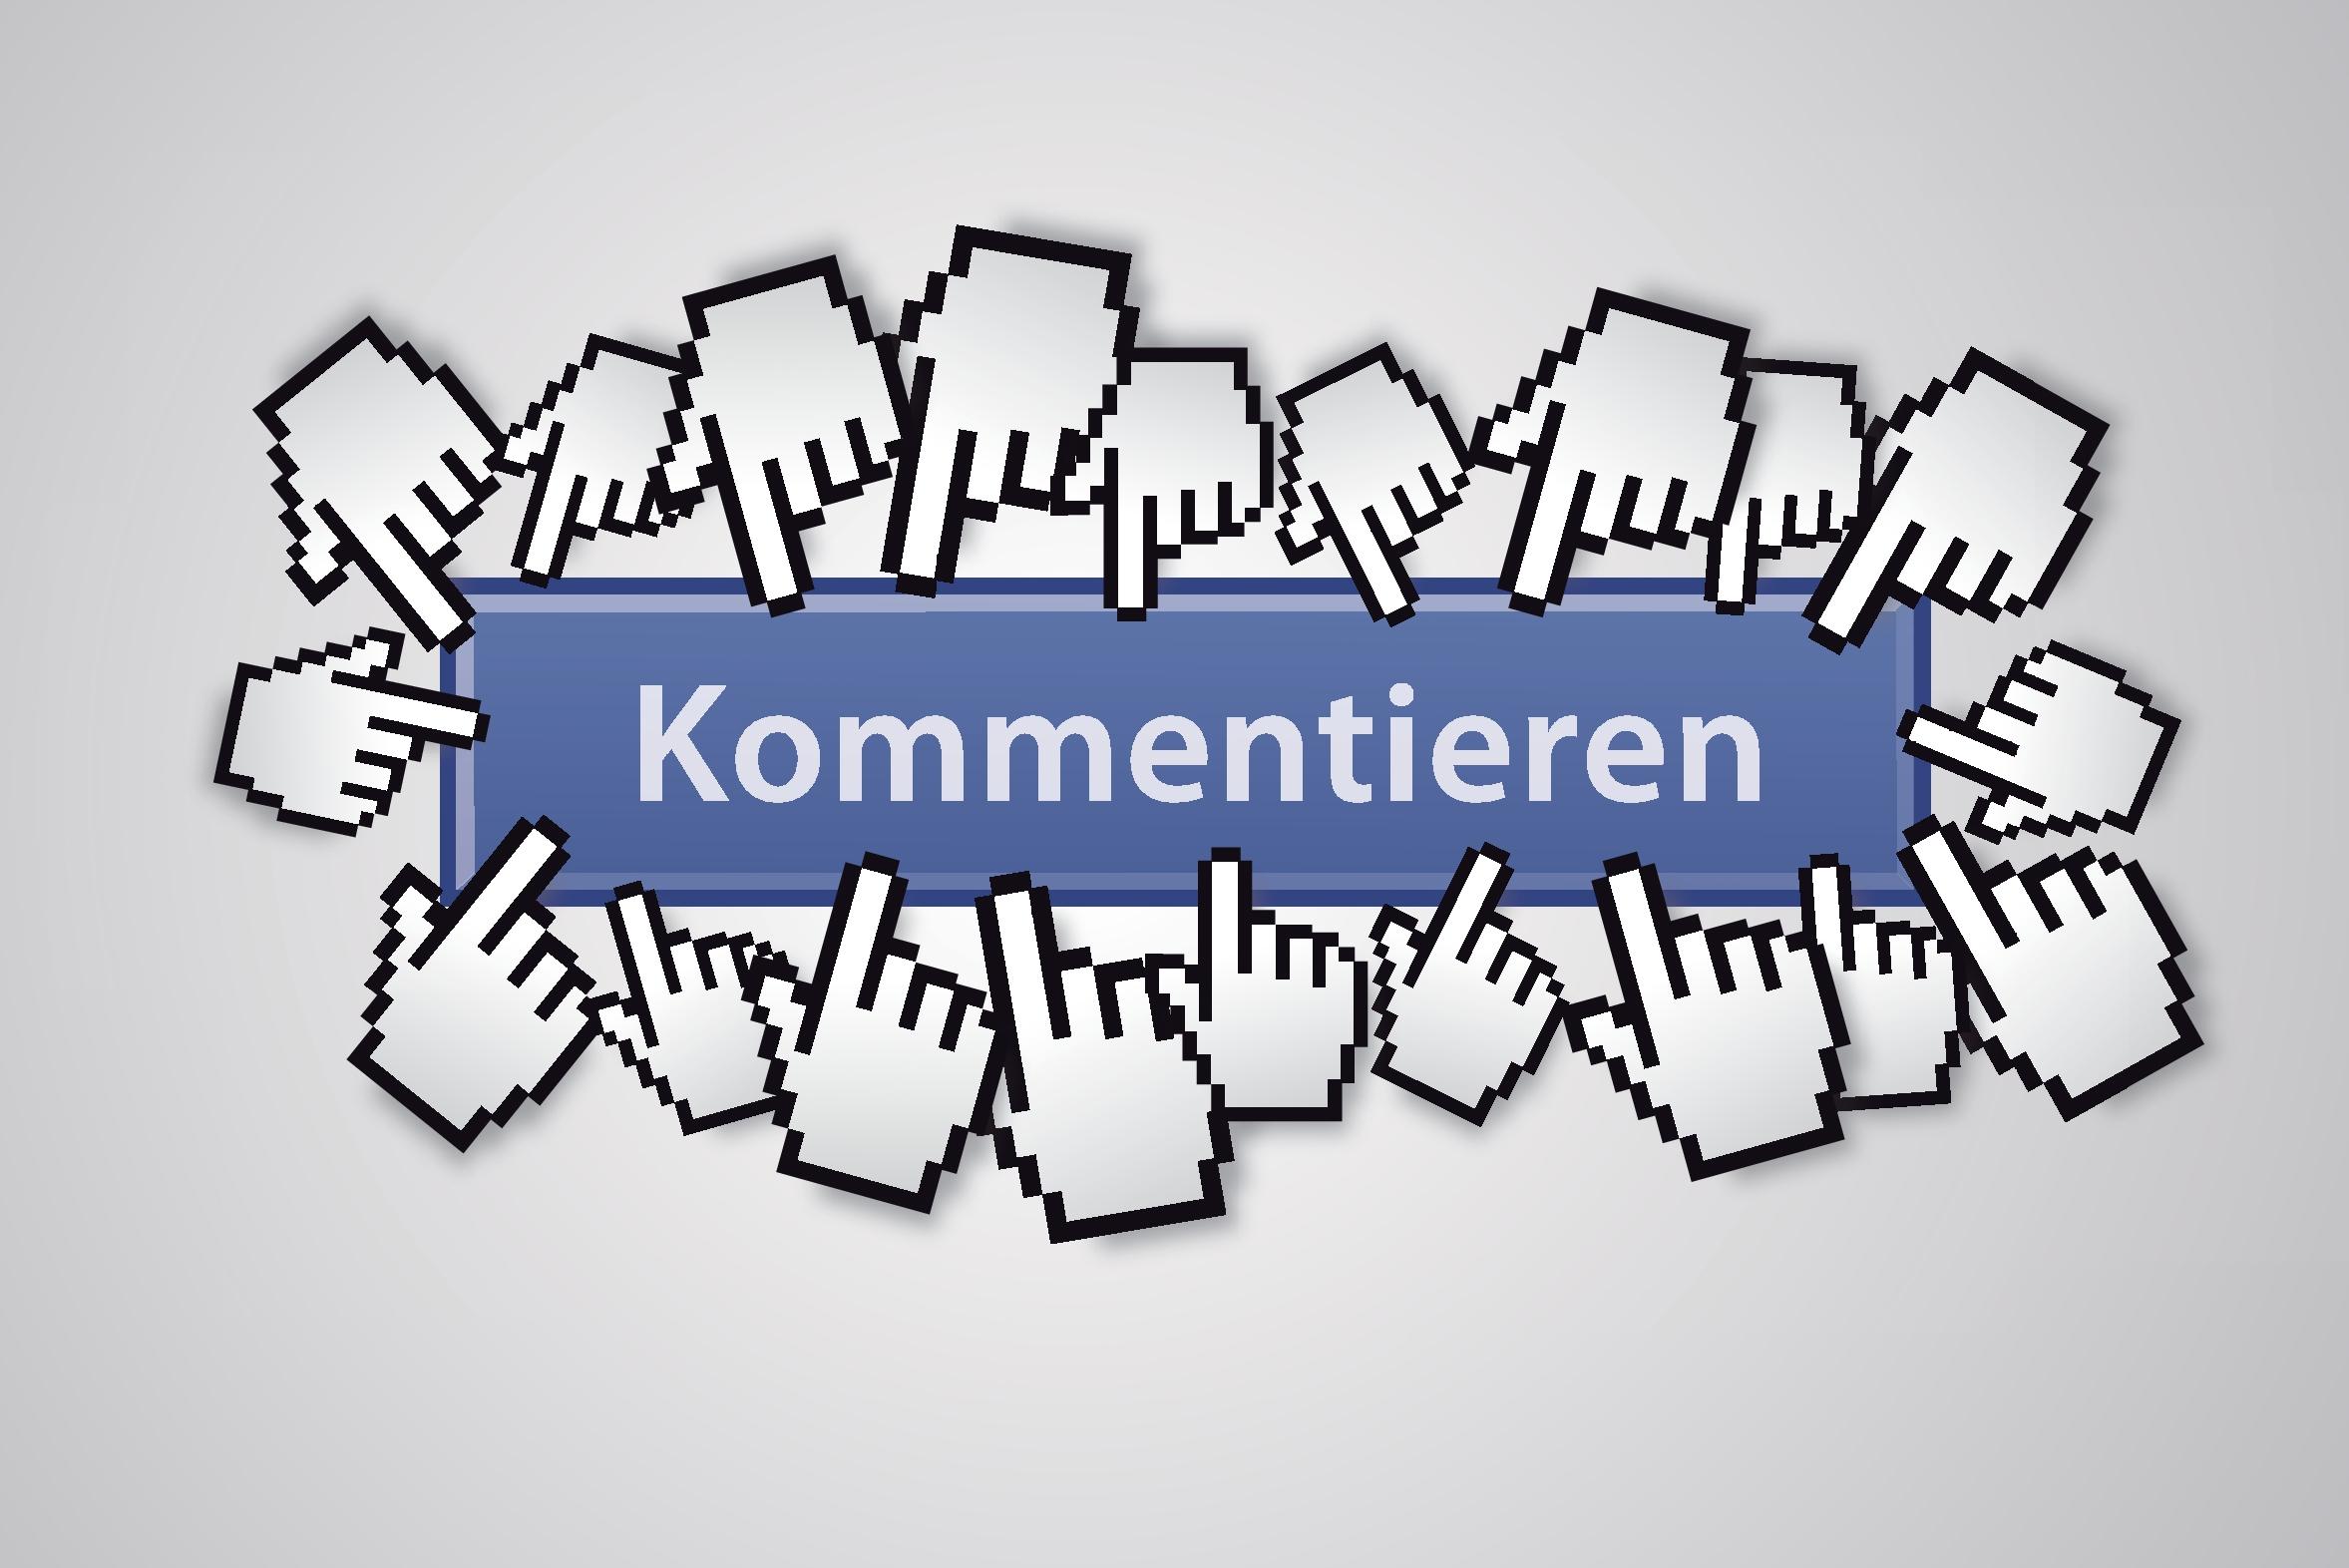 Philosophisches Projekt in die Förderlinie Originalitätsverdacht der VolkswagenStiftung aufgenommen